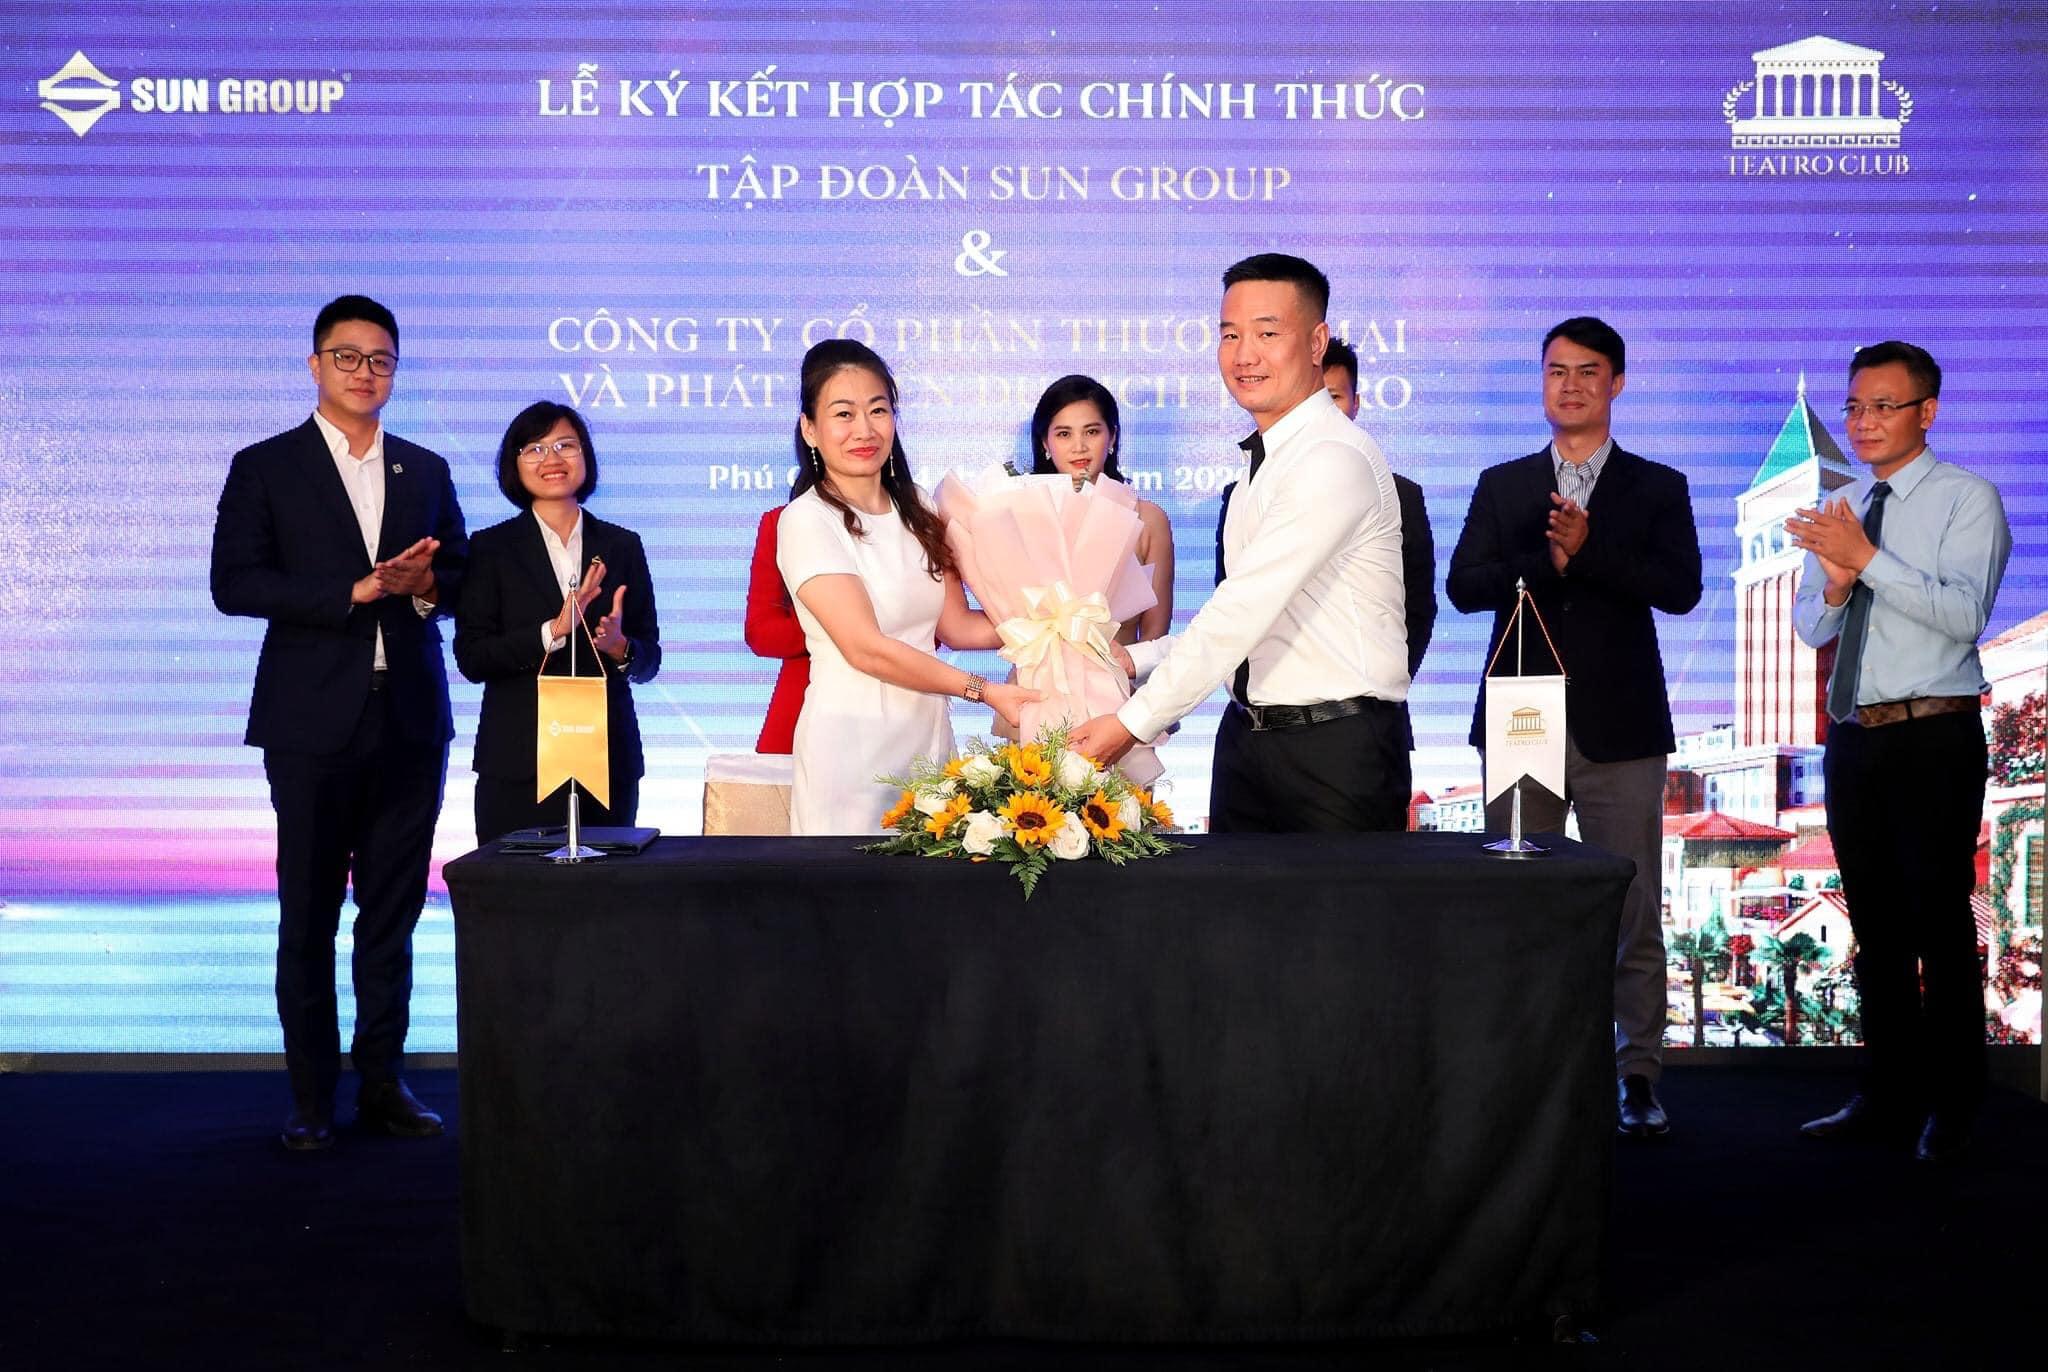 Đại diện lãnh đạo Sun Group và công ty Teatro tại lễ ký kết